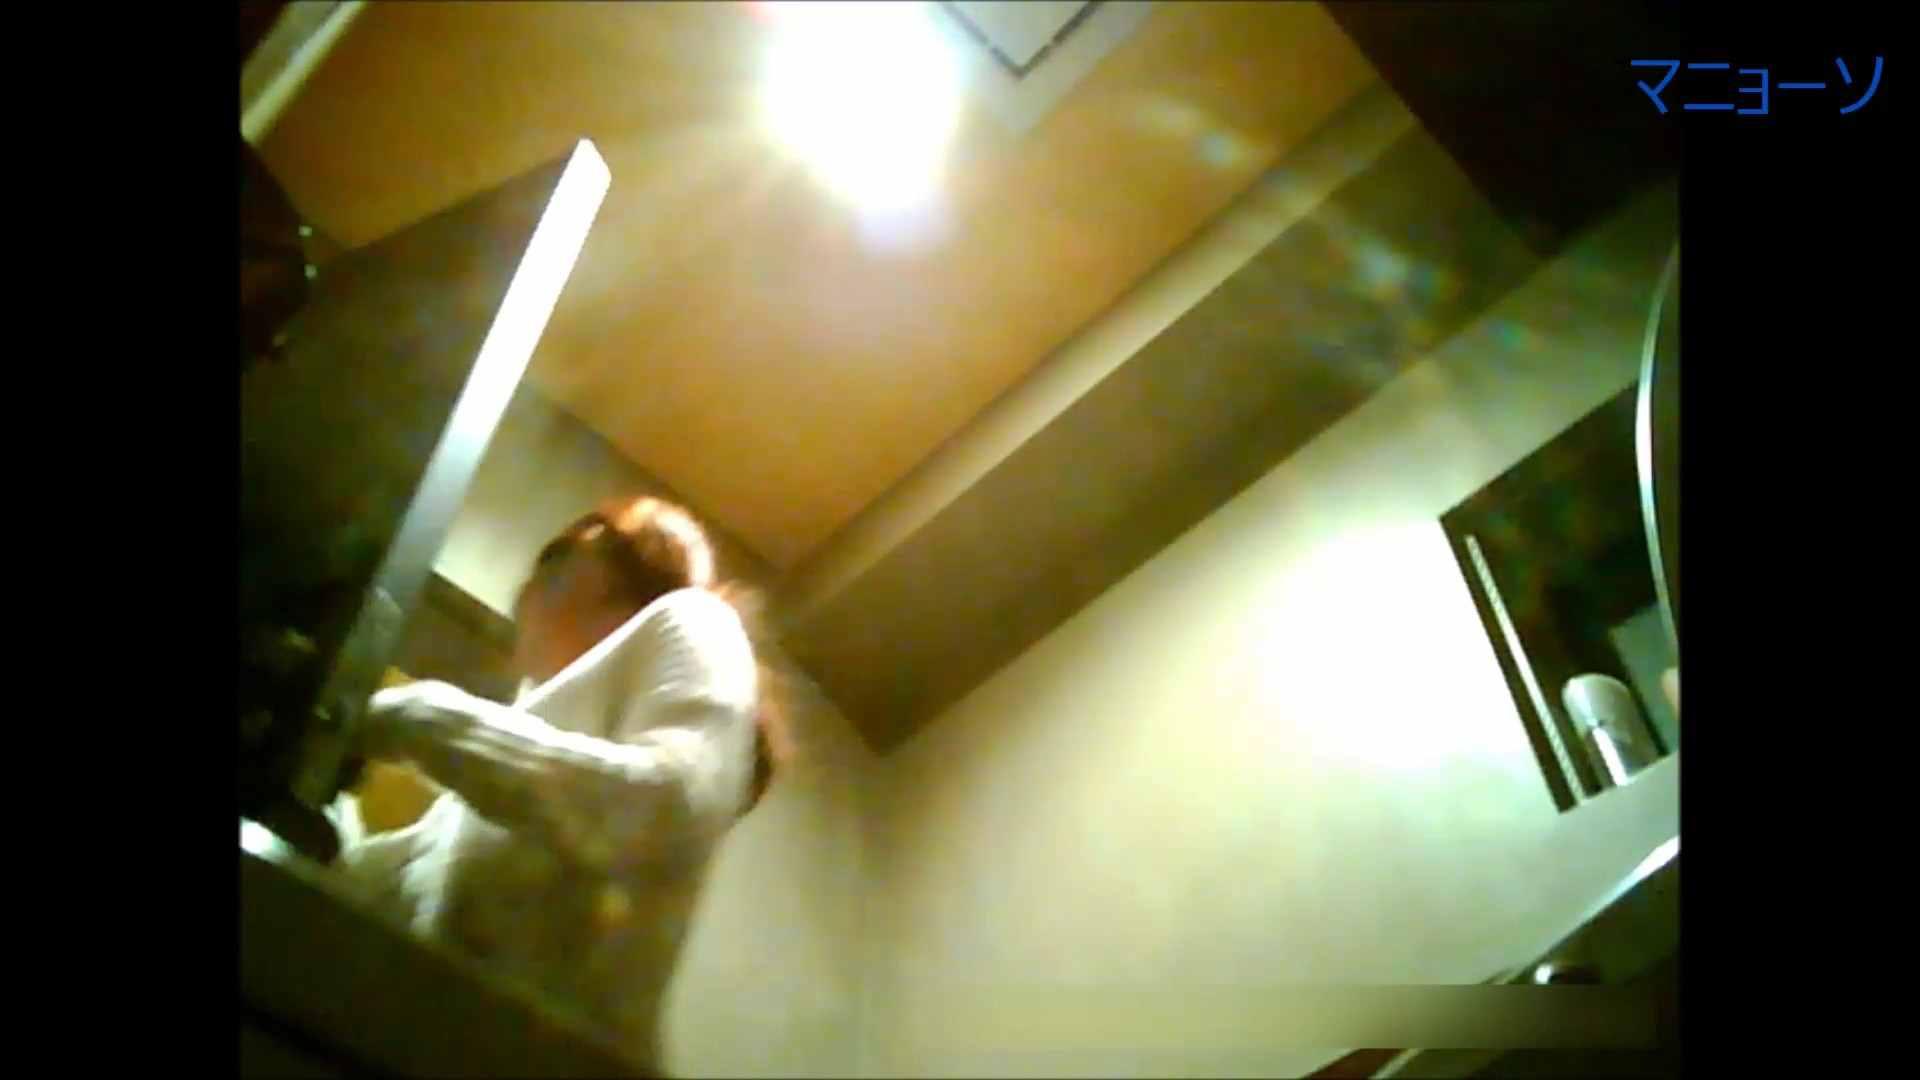 トイレでひと肌脱いでもらいました (JD編)Vol.02 トイレ中の女子達  106連発 28